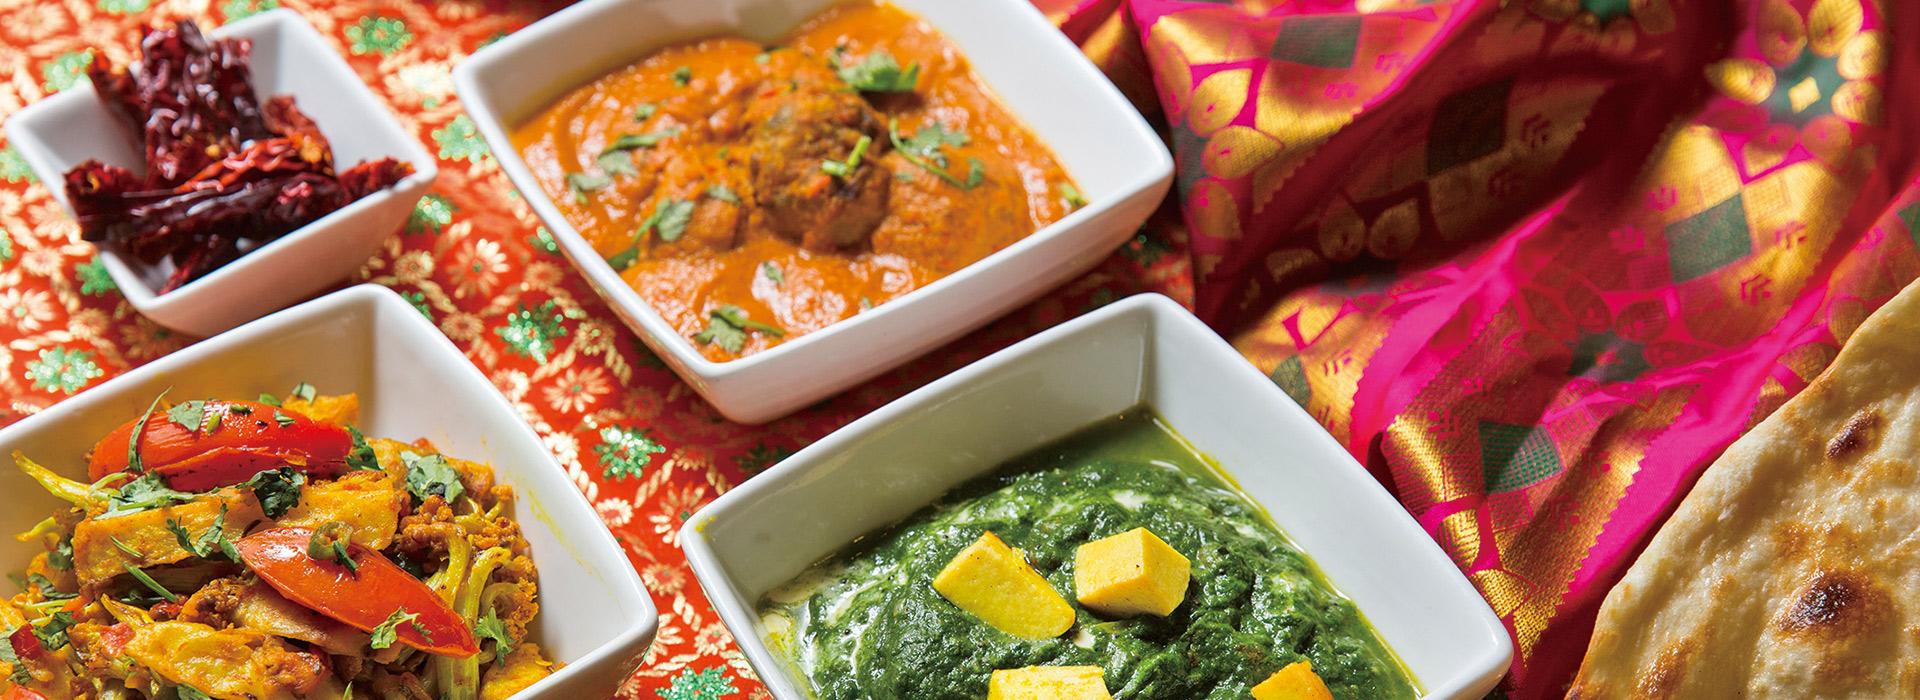 本格派 匠人精神  重現古印度素食